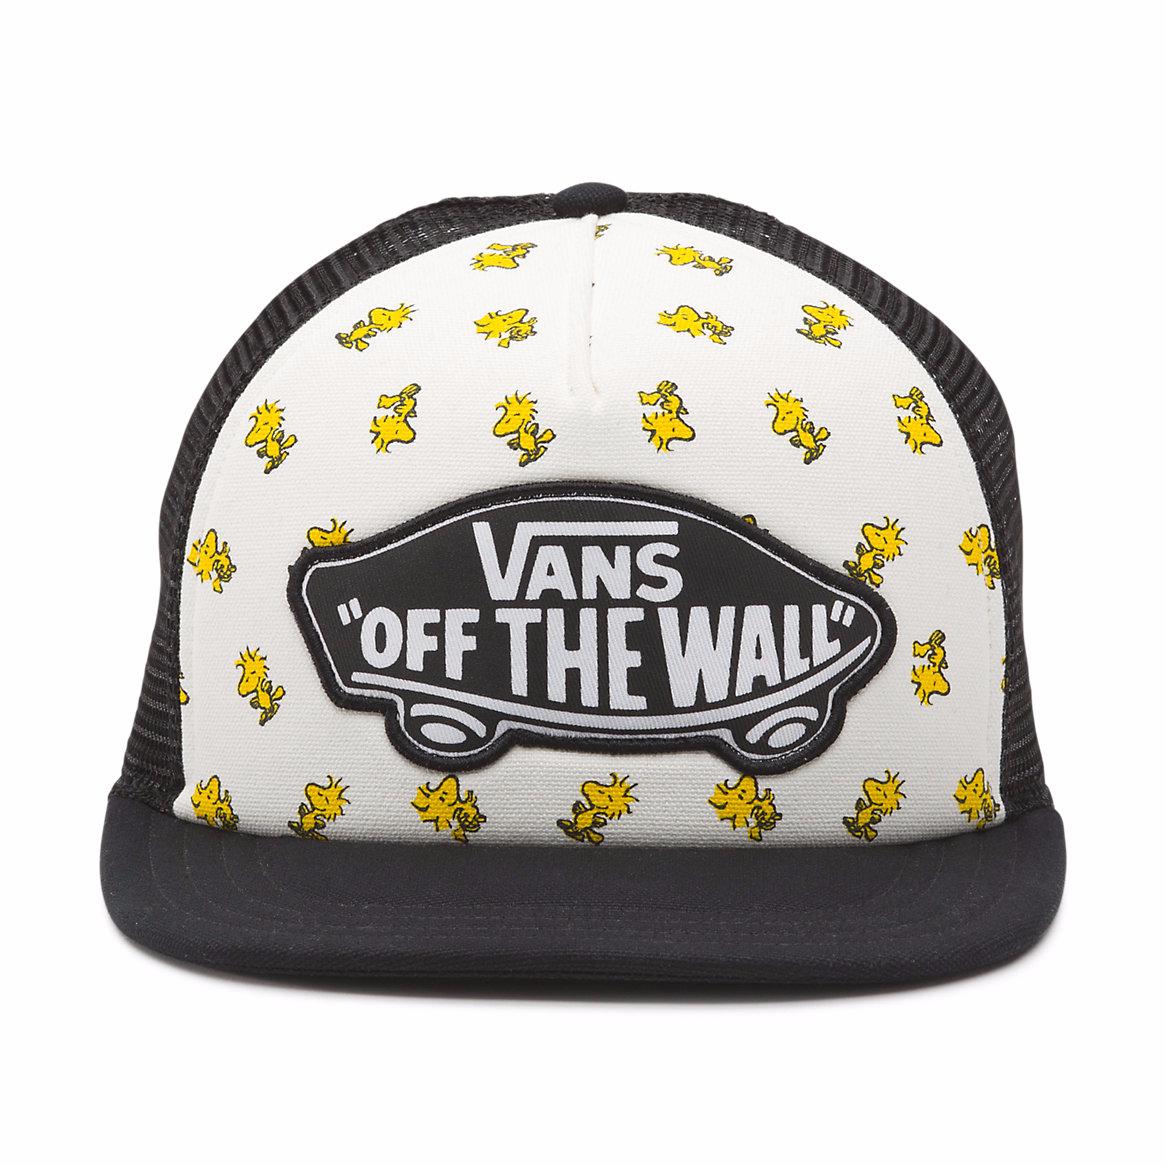 vans_peanuts_hat.png